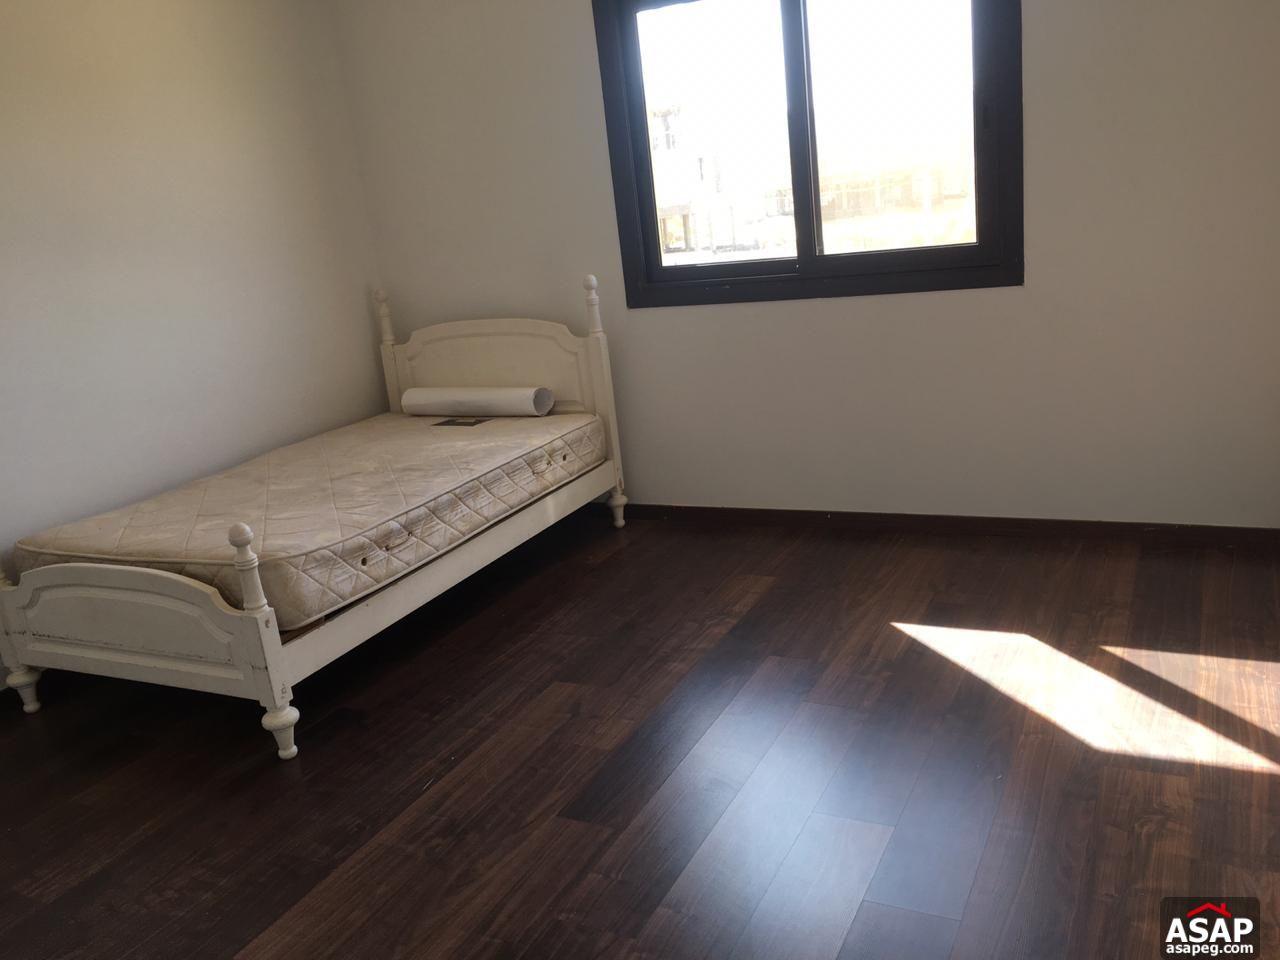 Apartment for Rent in Mivida Emaar - New Cairo